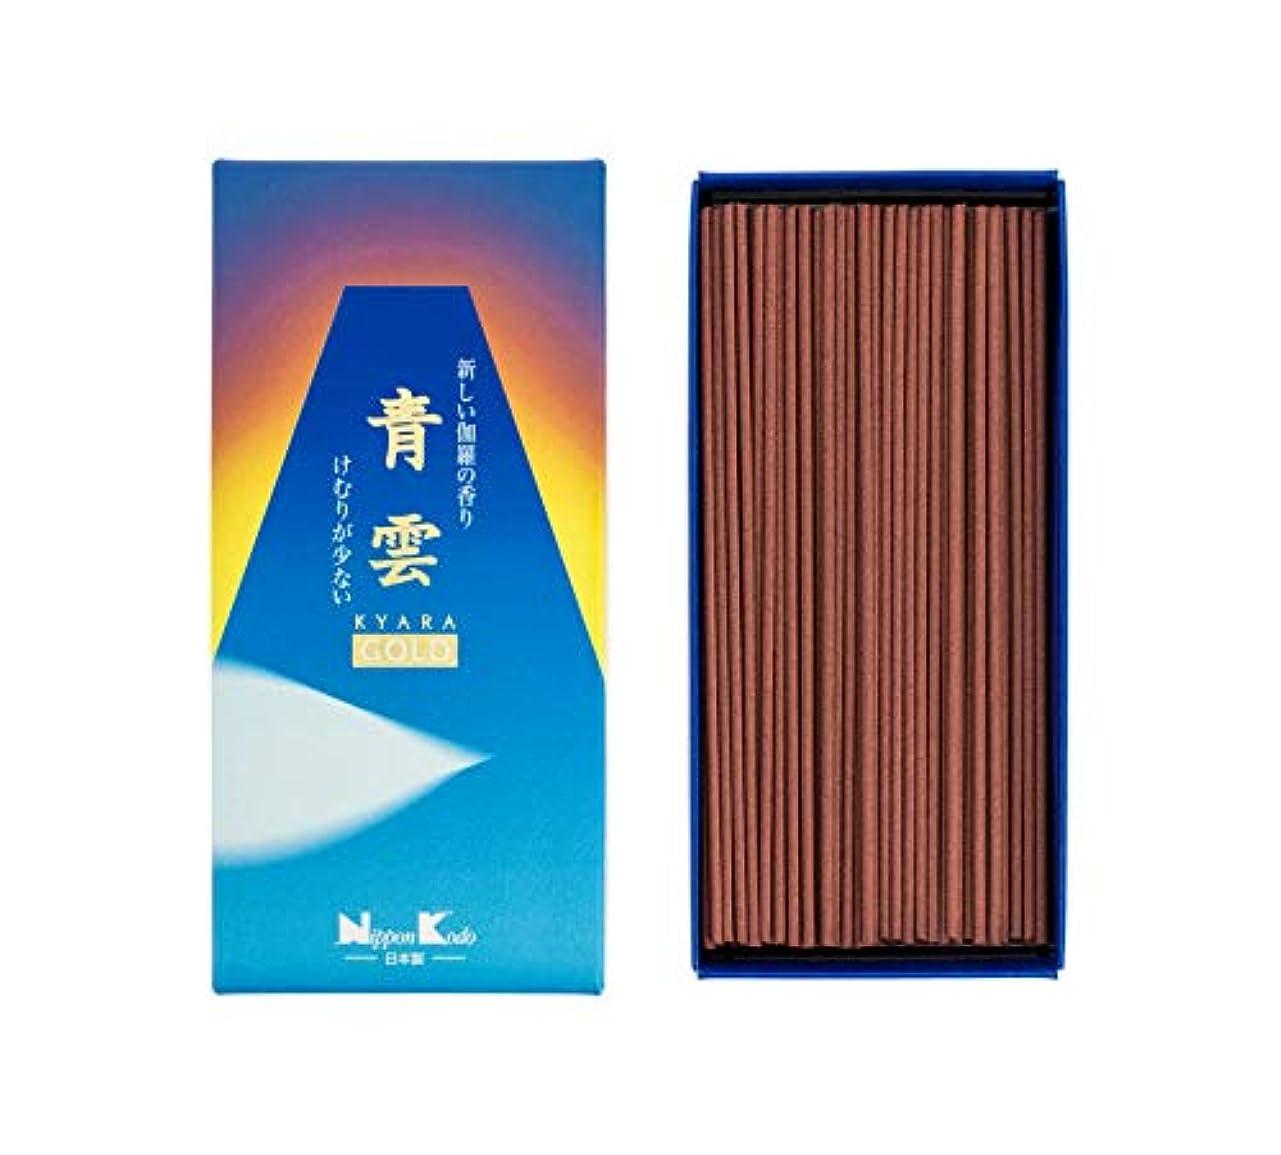 青雲 ゴールド バラ詰 #21101